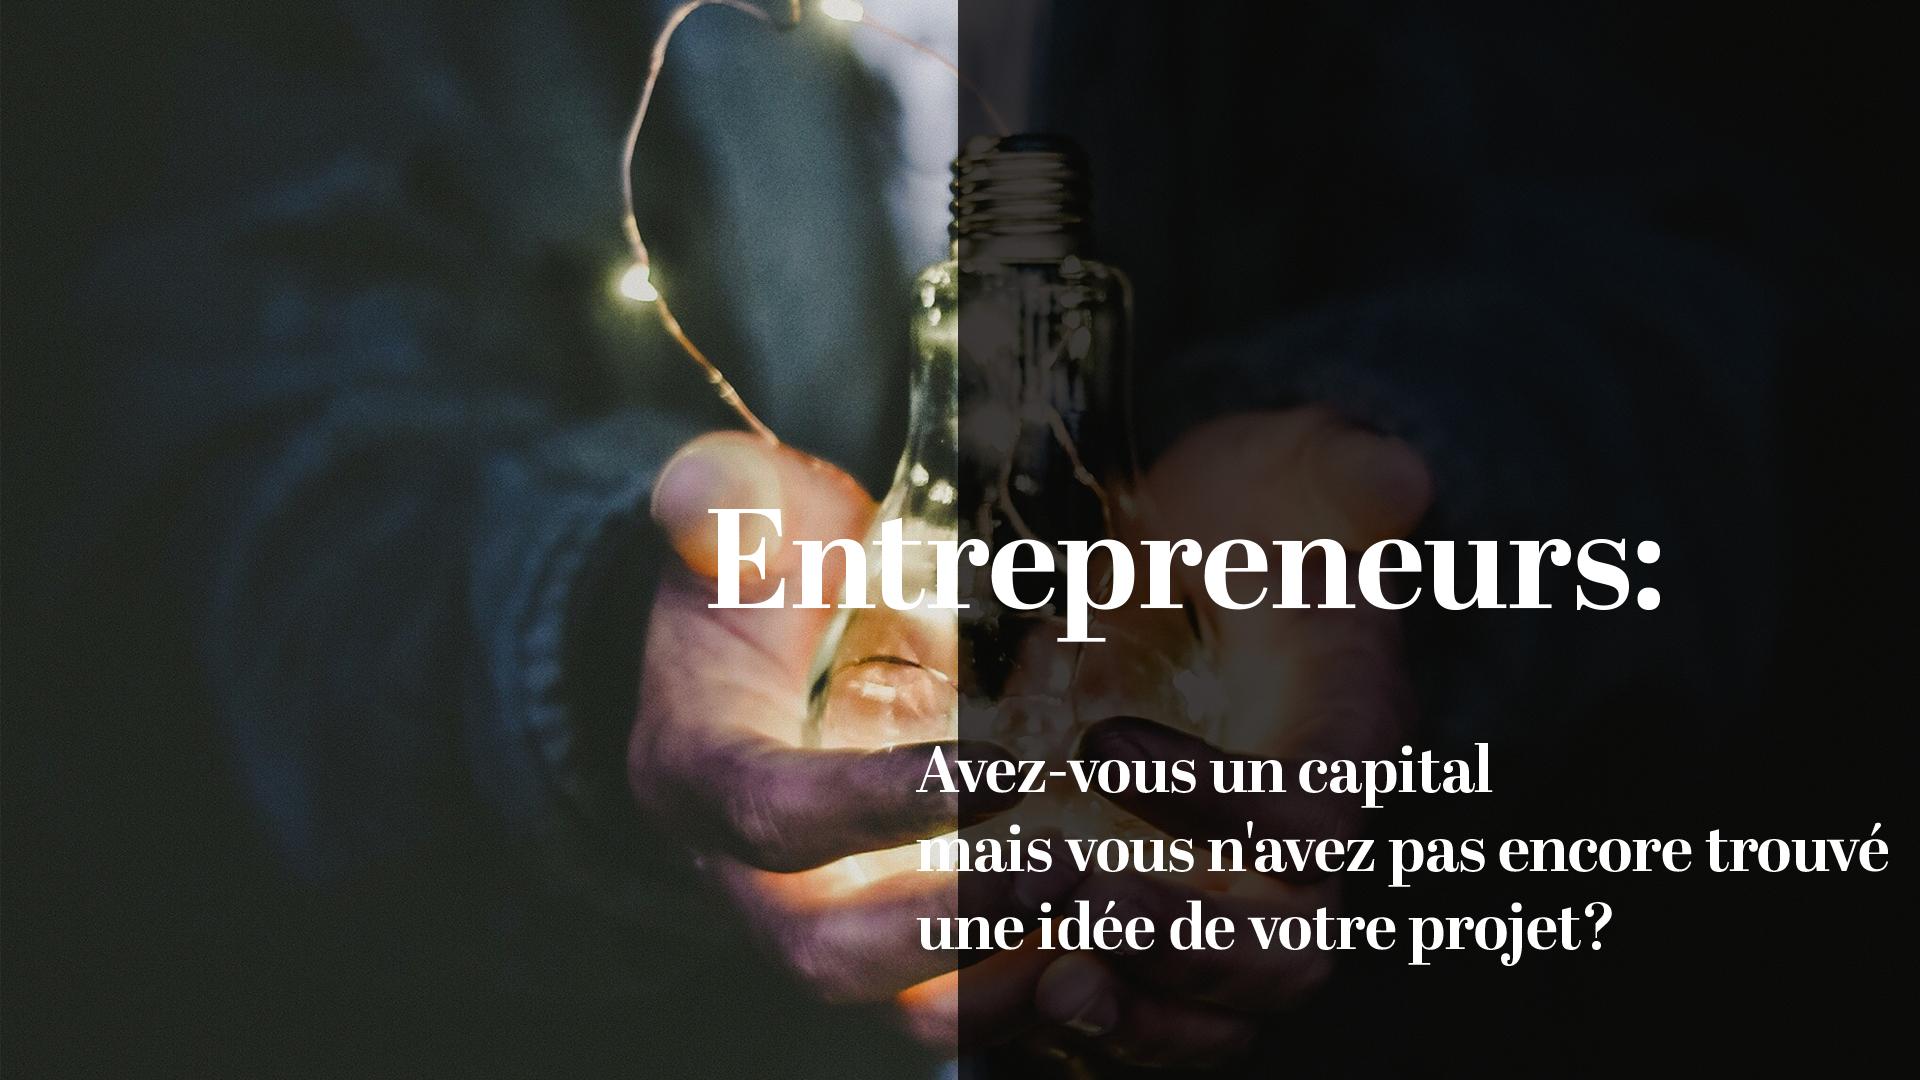 Vous avez un capital , mais vous n'avez pas encore trouvé une idée pour votre projet ?